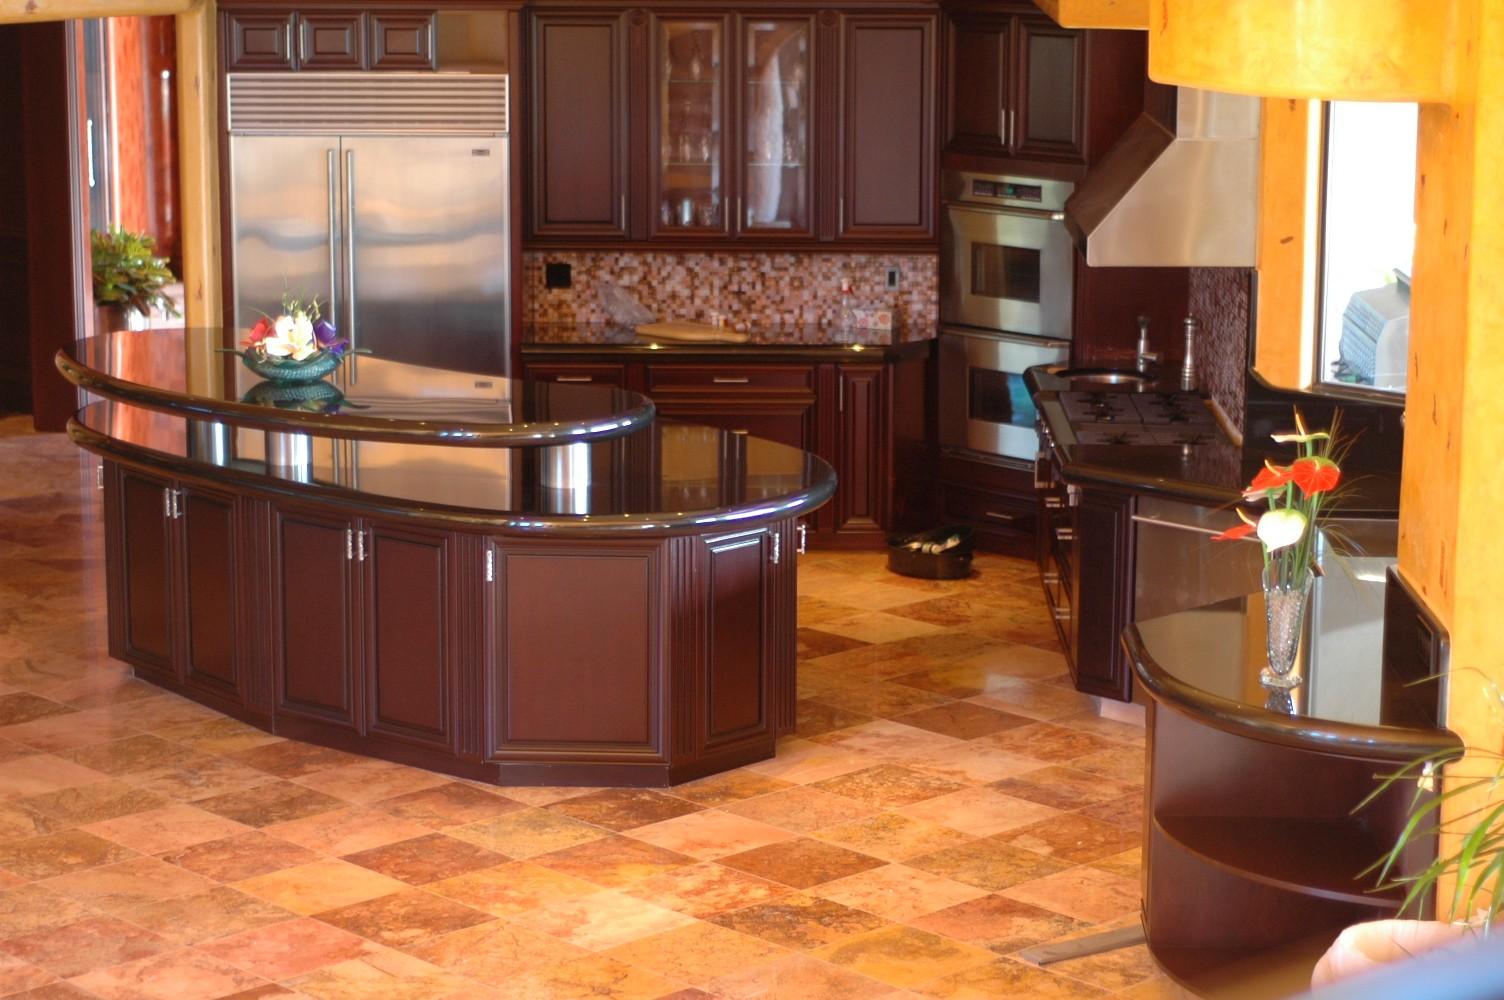 kitchen granite countertop design ideas photo - 9